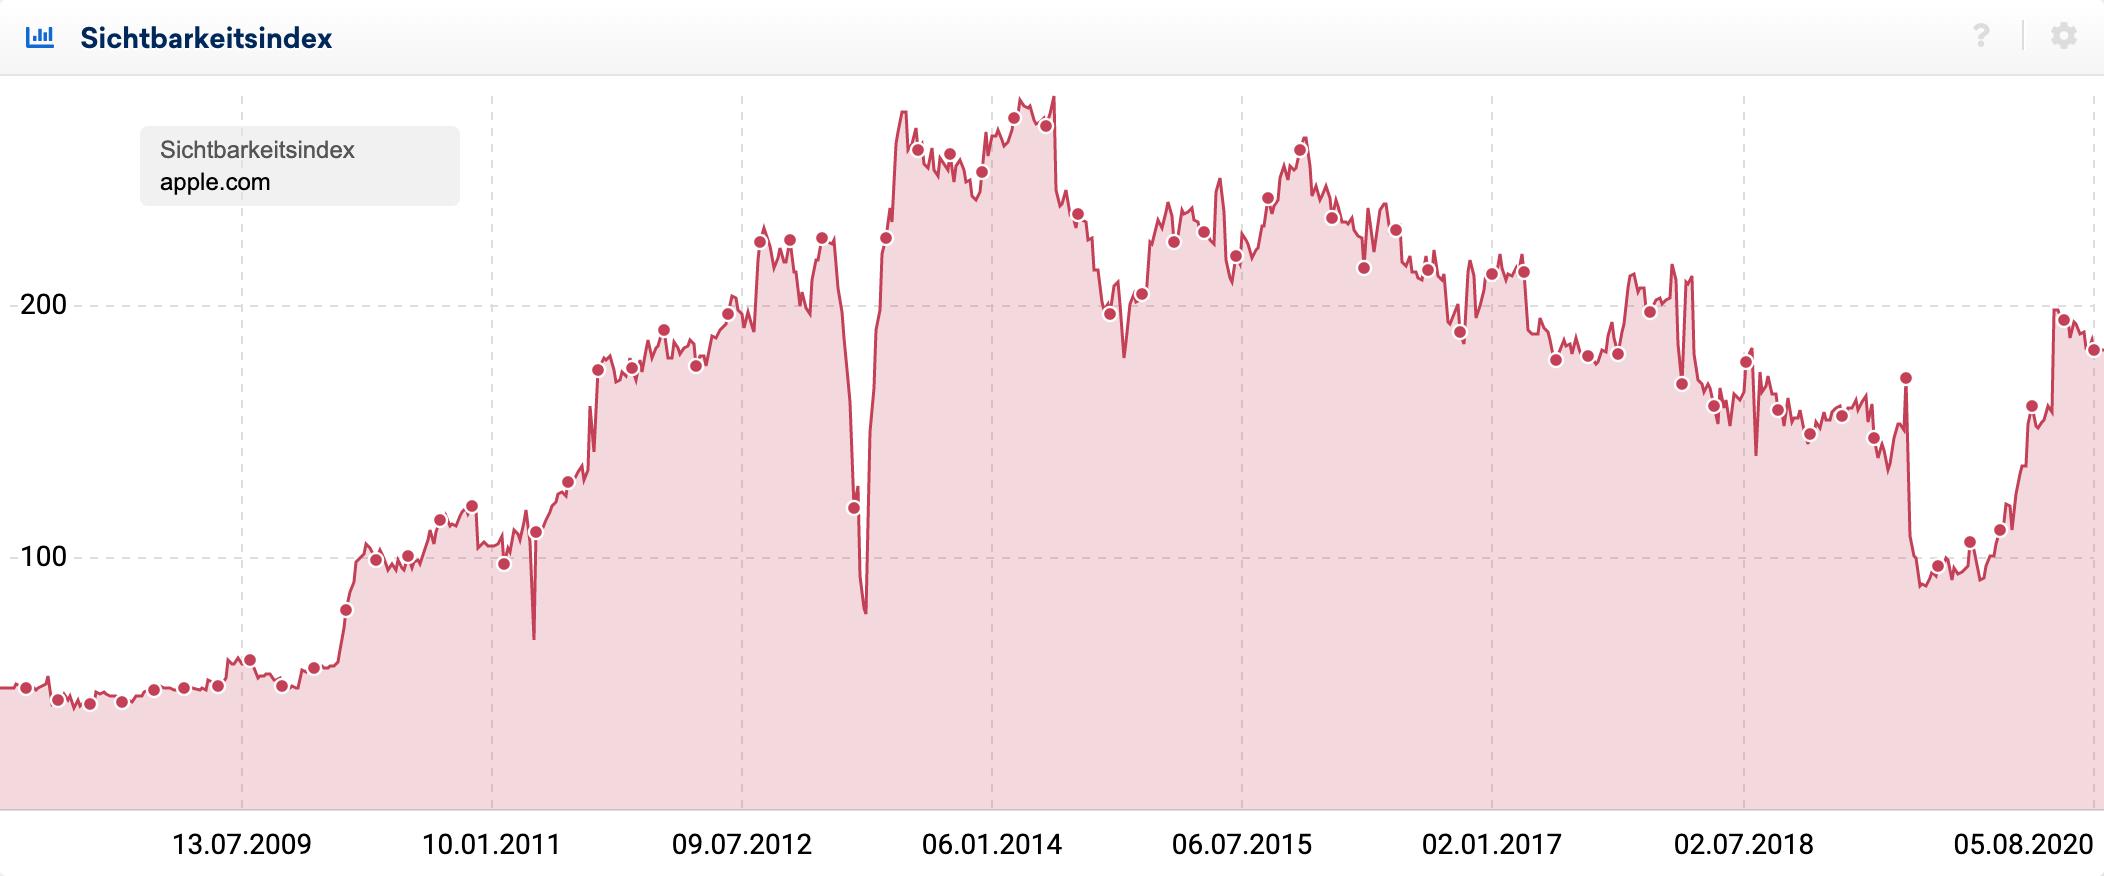 Verlauf des Sichtbarkeitsindex der Domain apple.com in Deutschland.